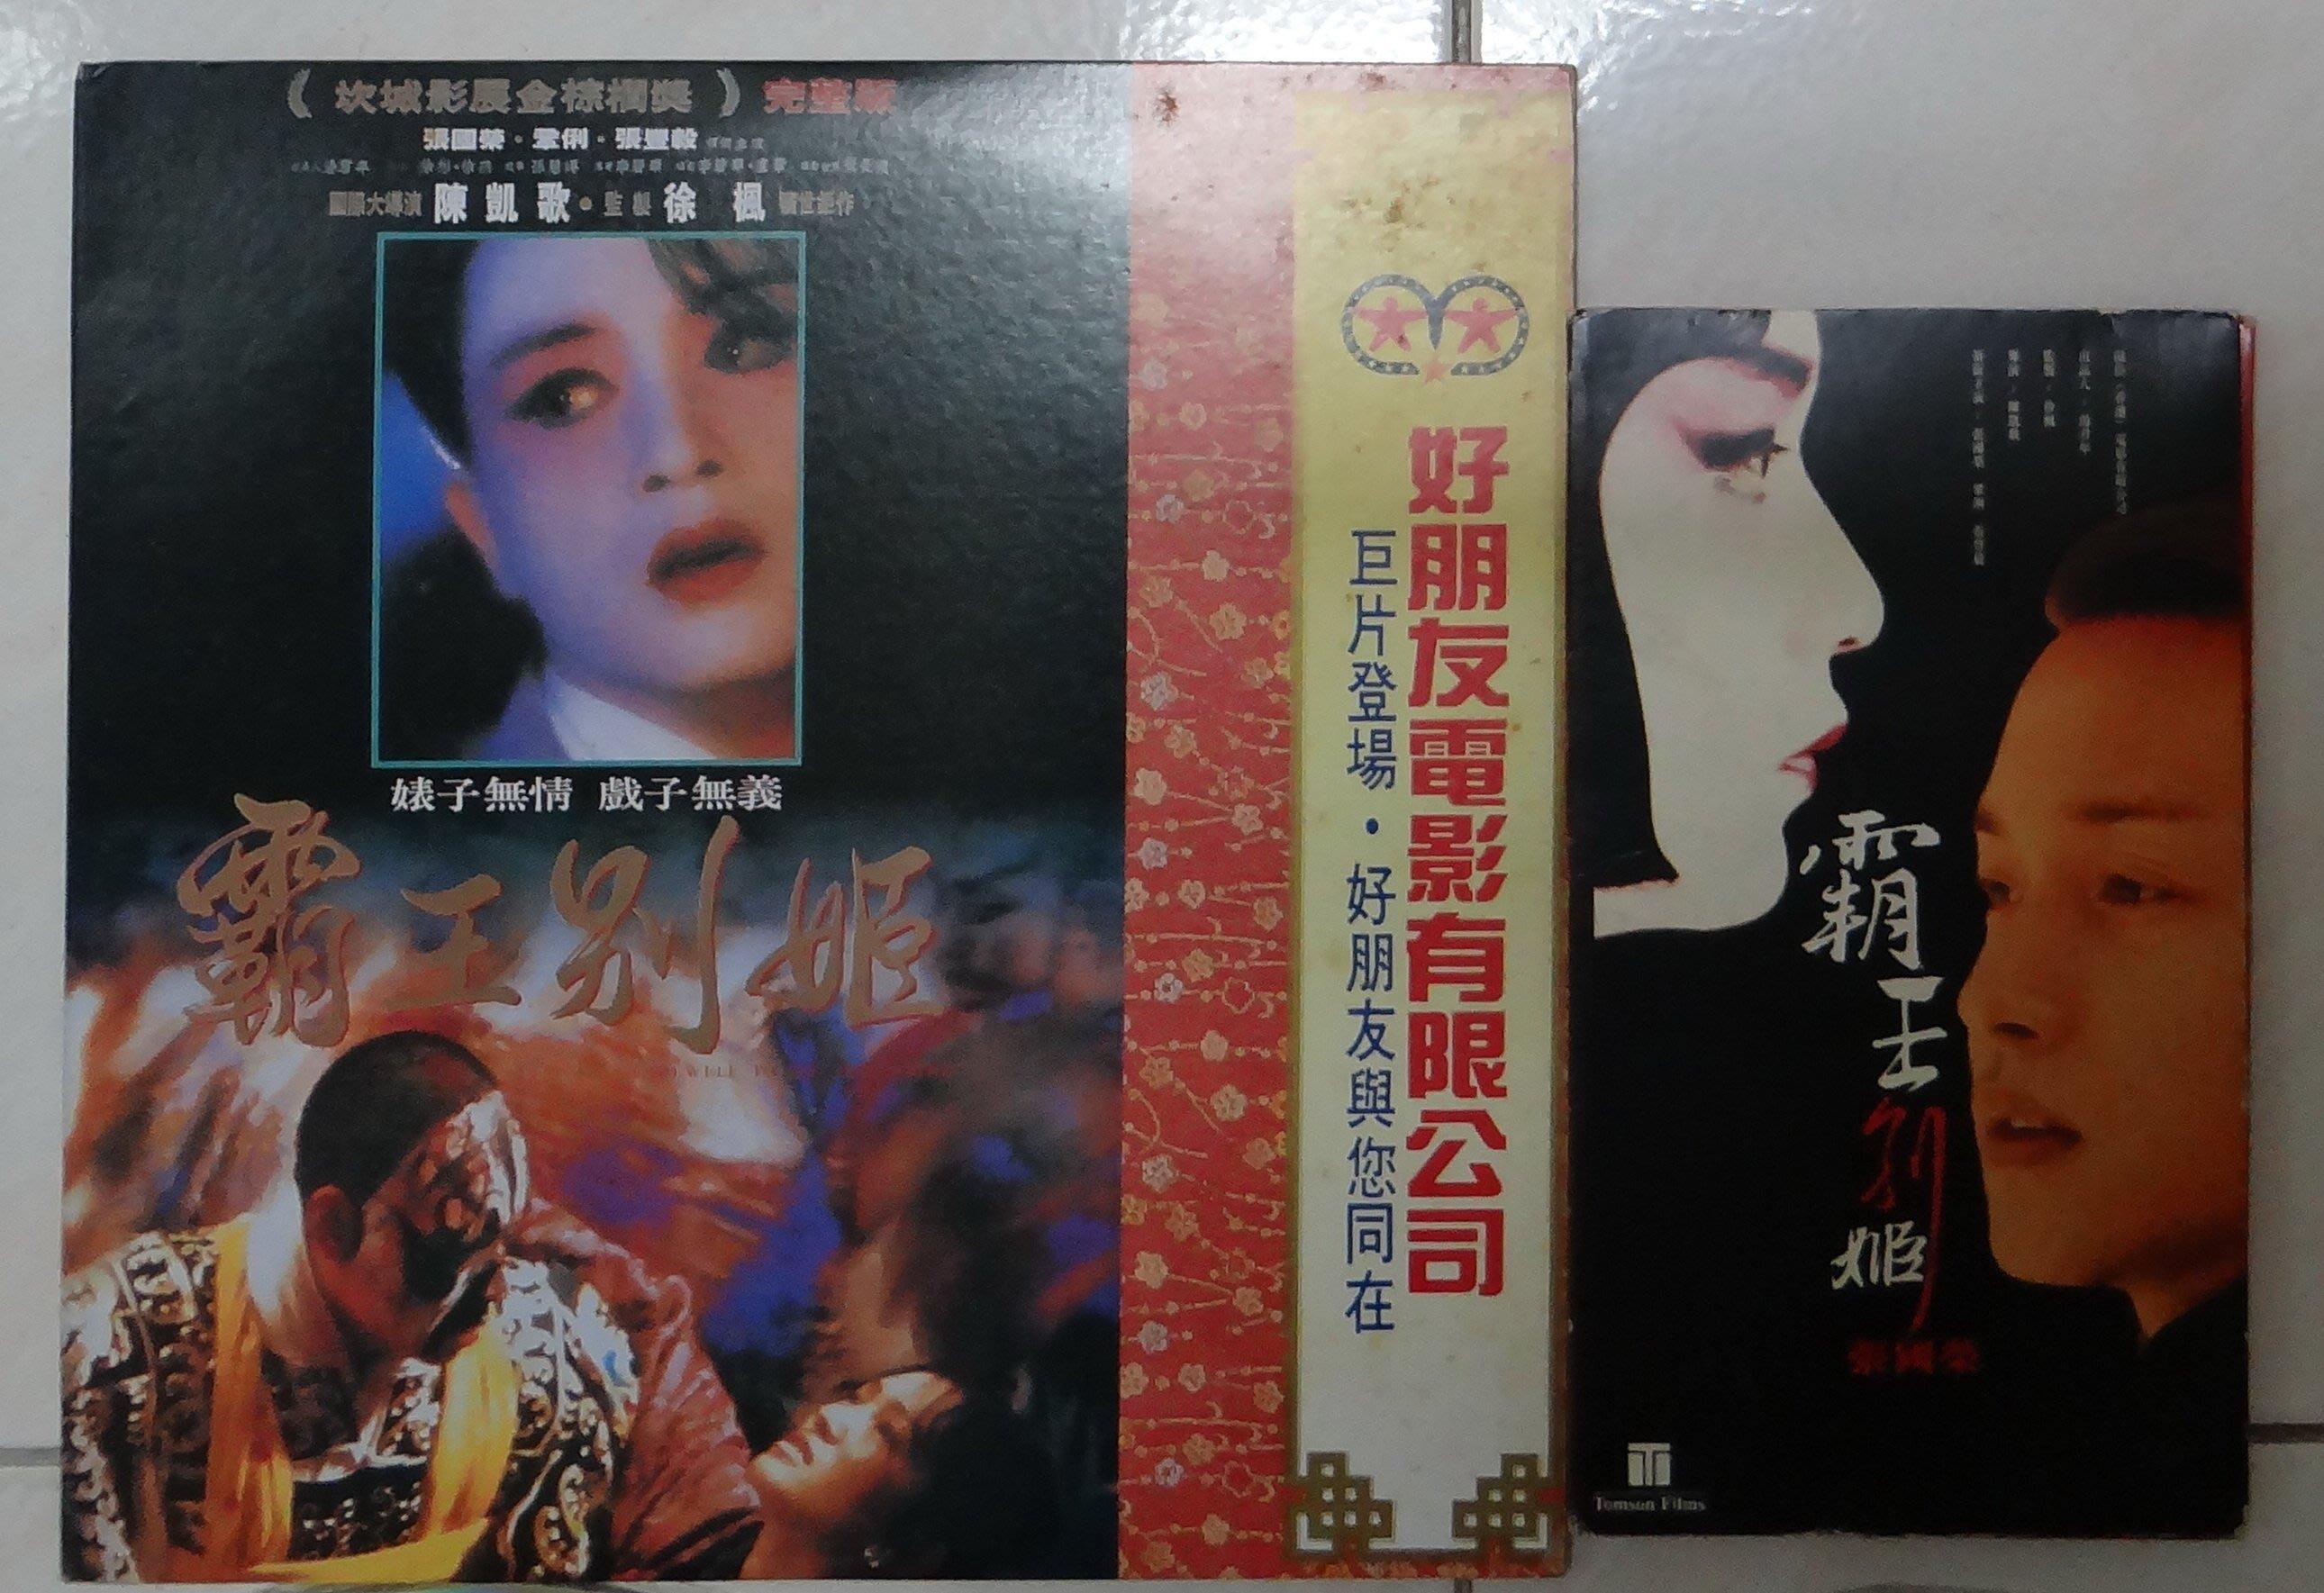 張國榮-霸王別姬 雷射影碟2片裝 LD+霸王別姬3碟裝VCD 兩套合售